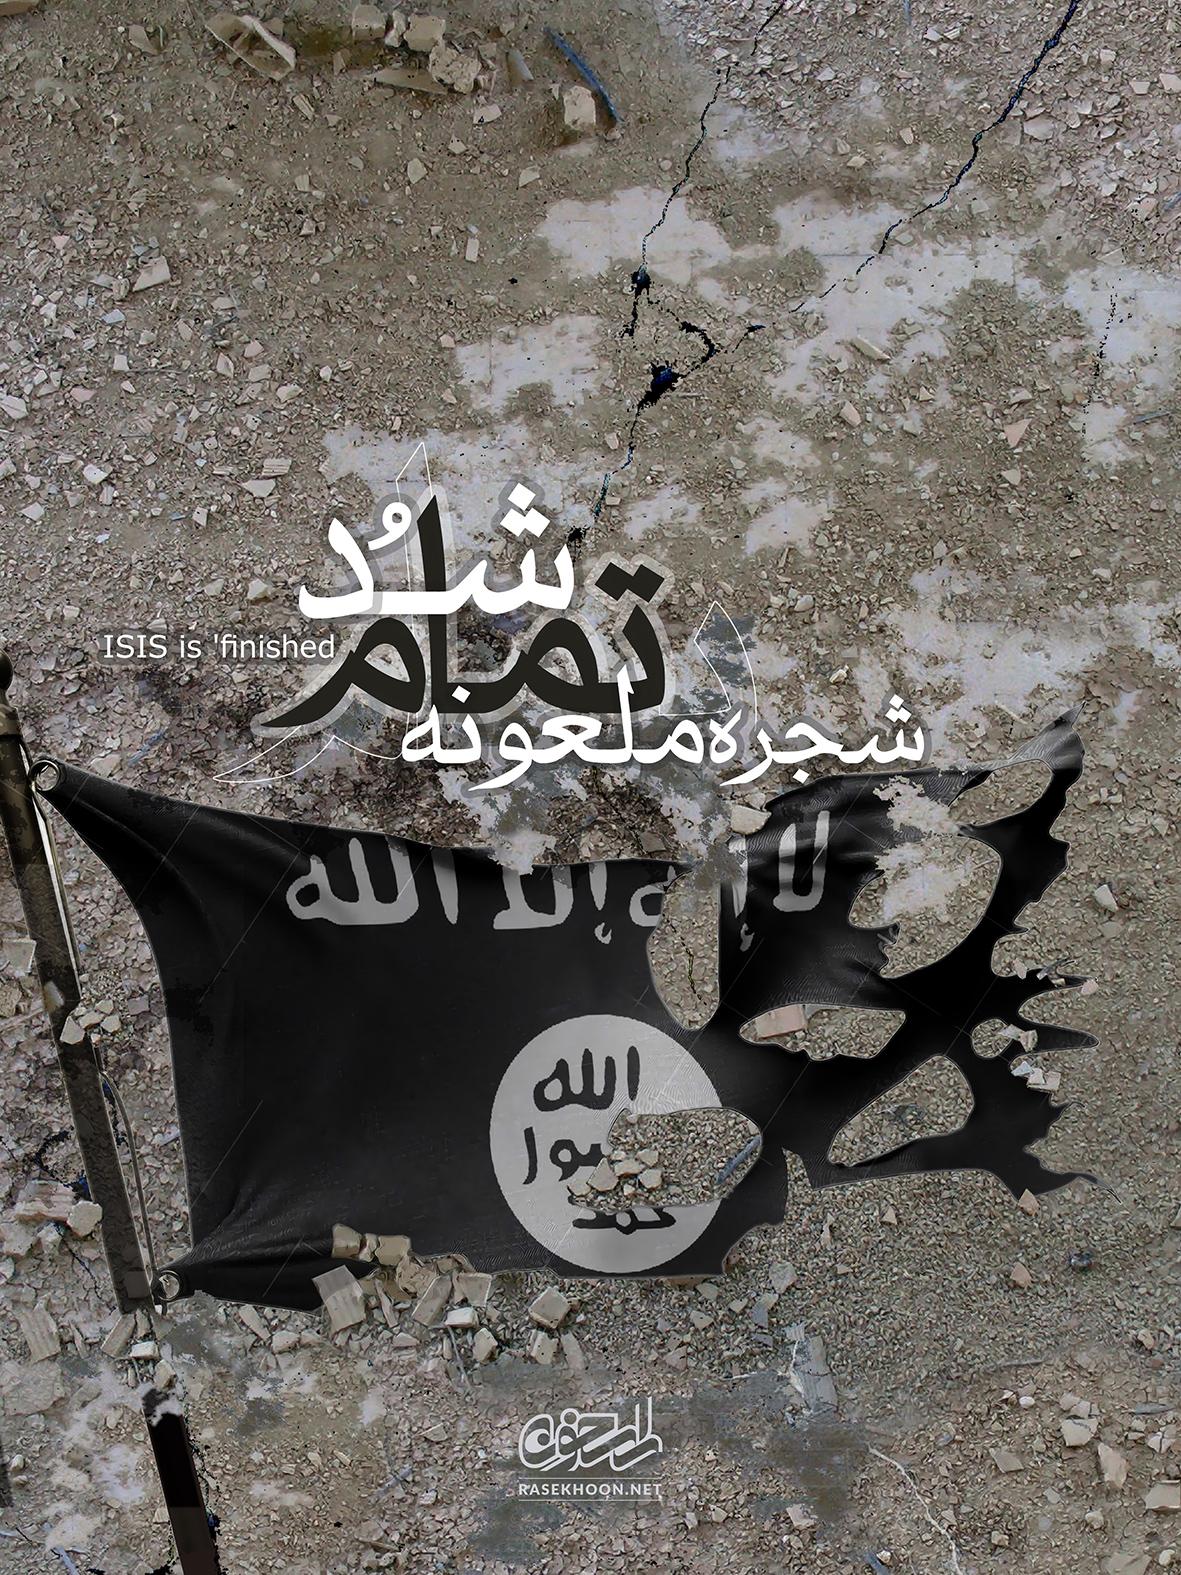 داعش تمام شد